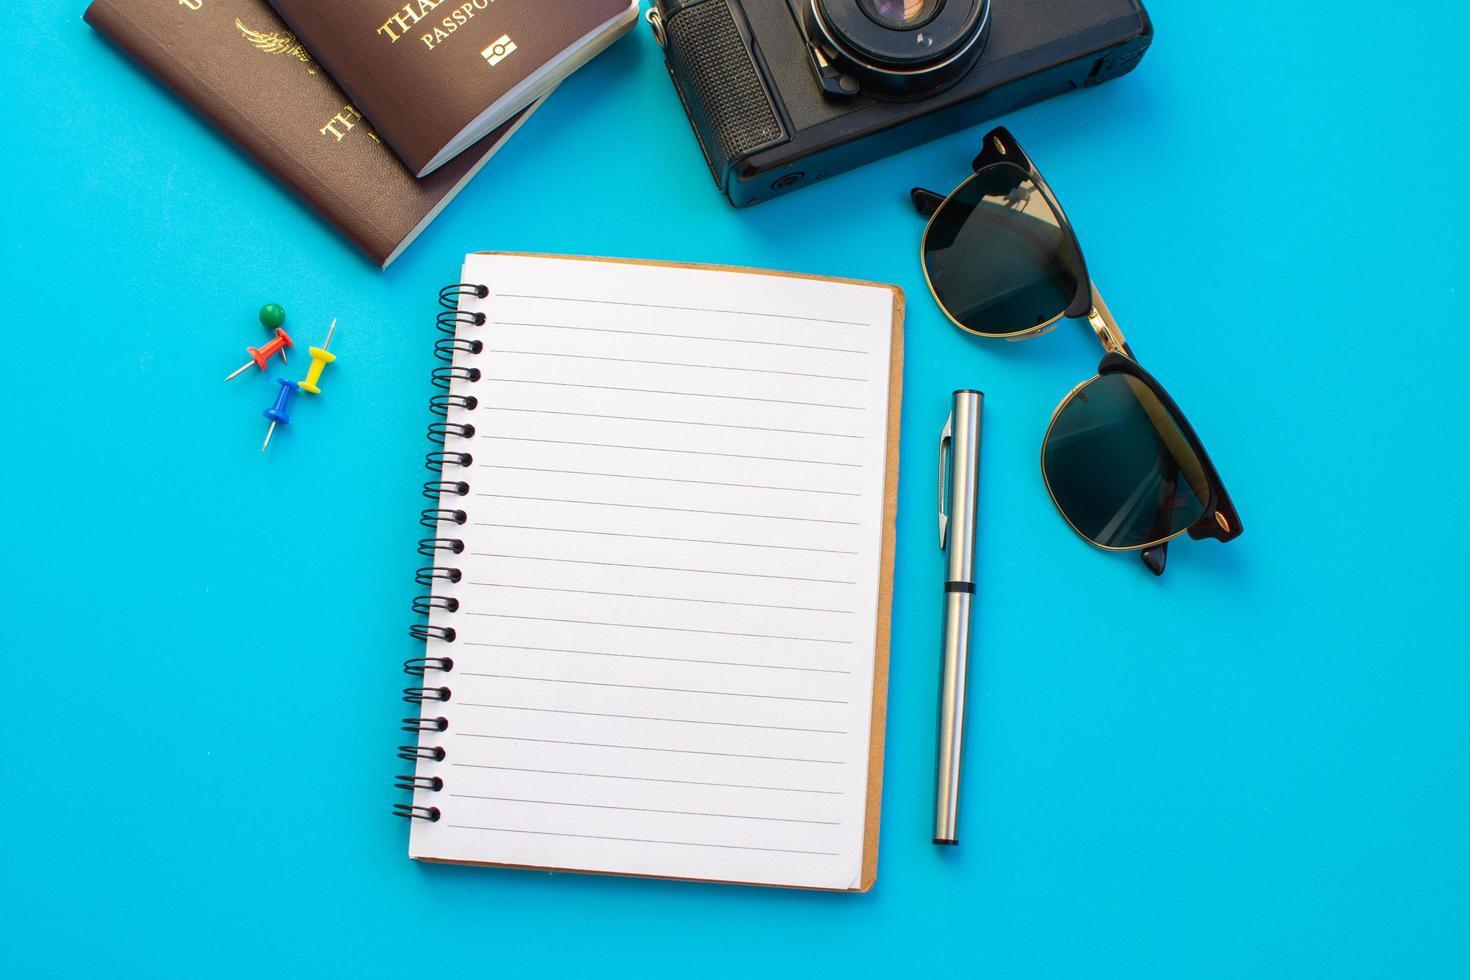 mise à plat de cahier entouré d'articles de voyage photo